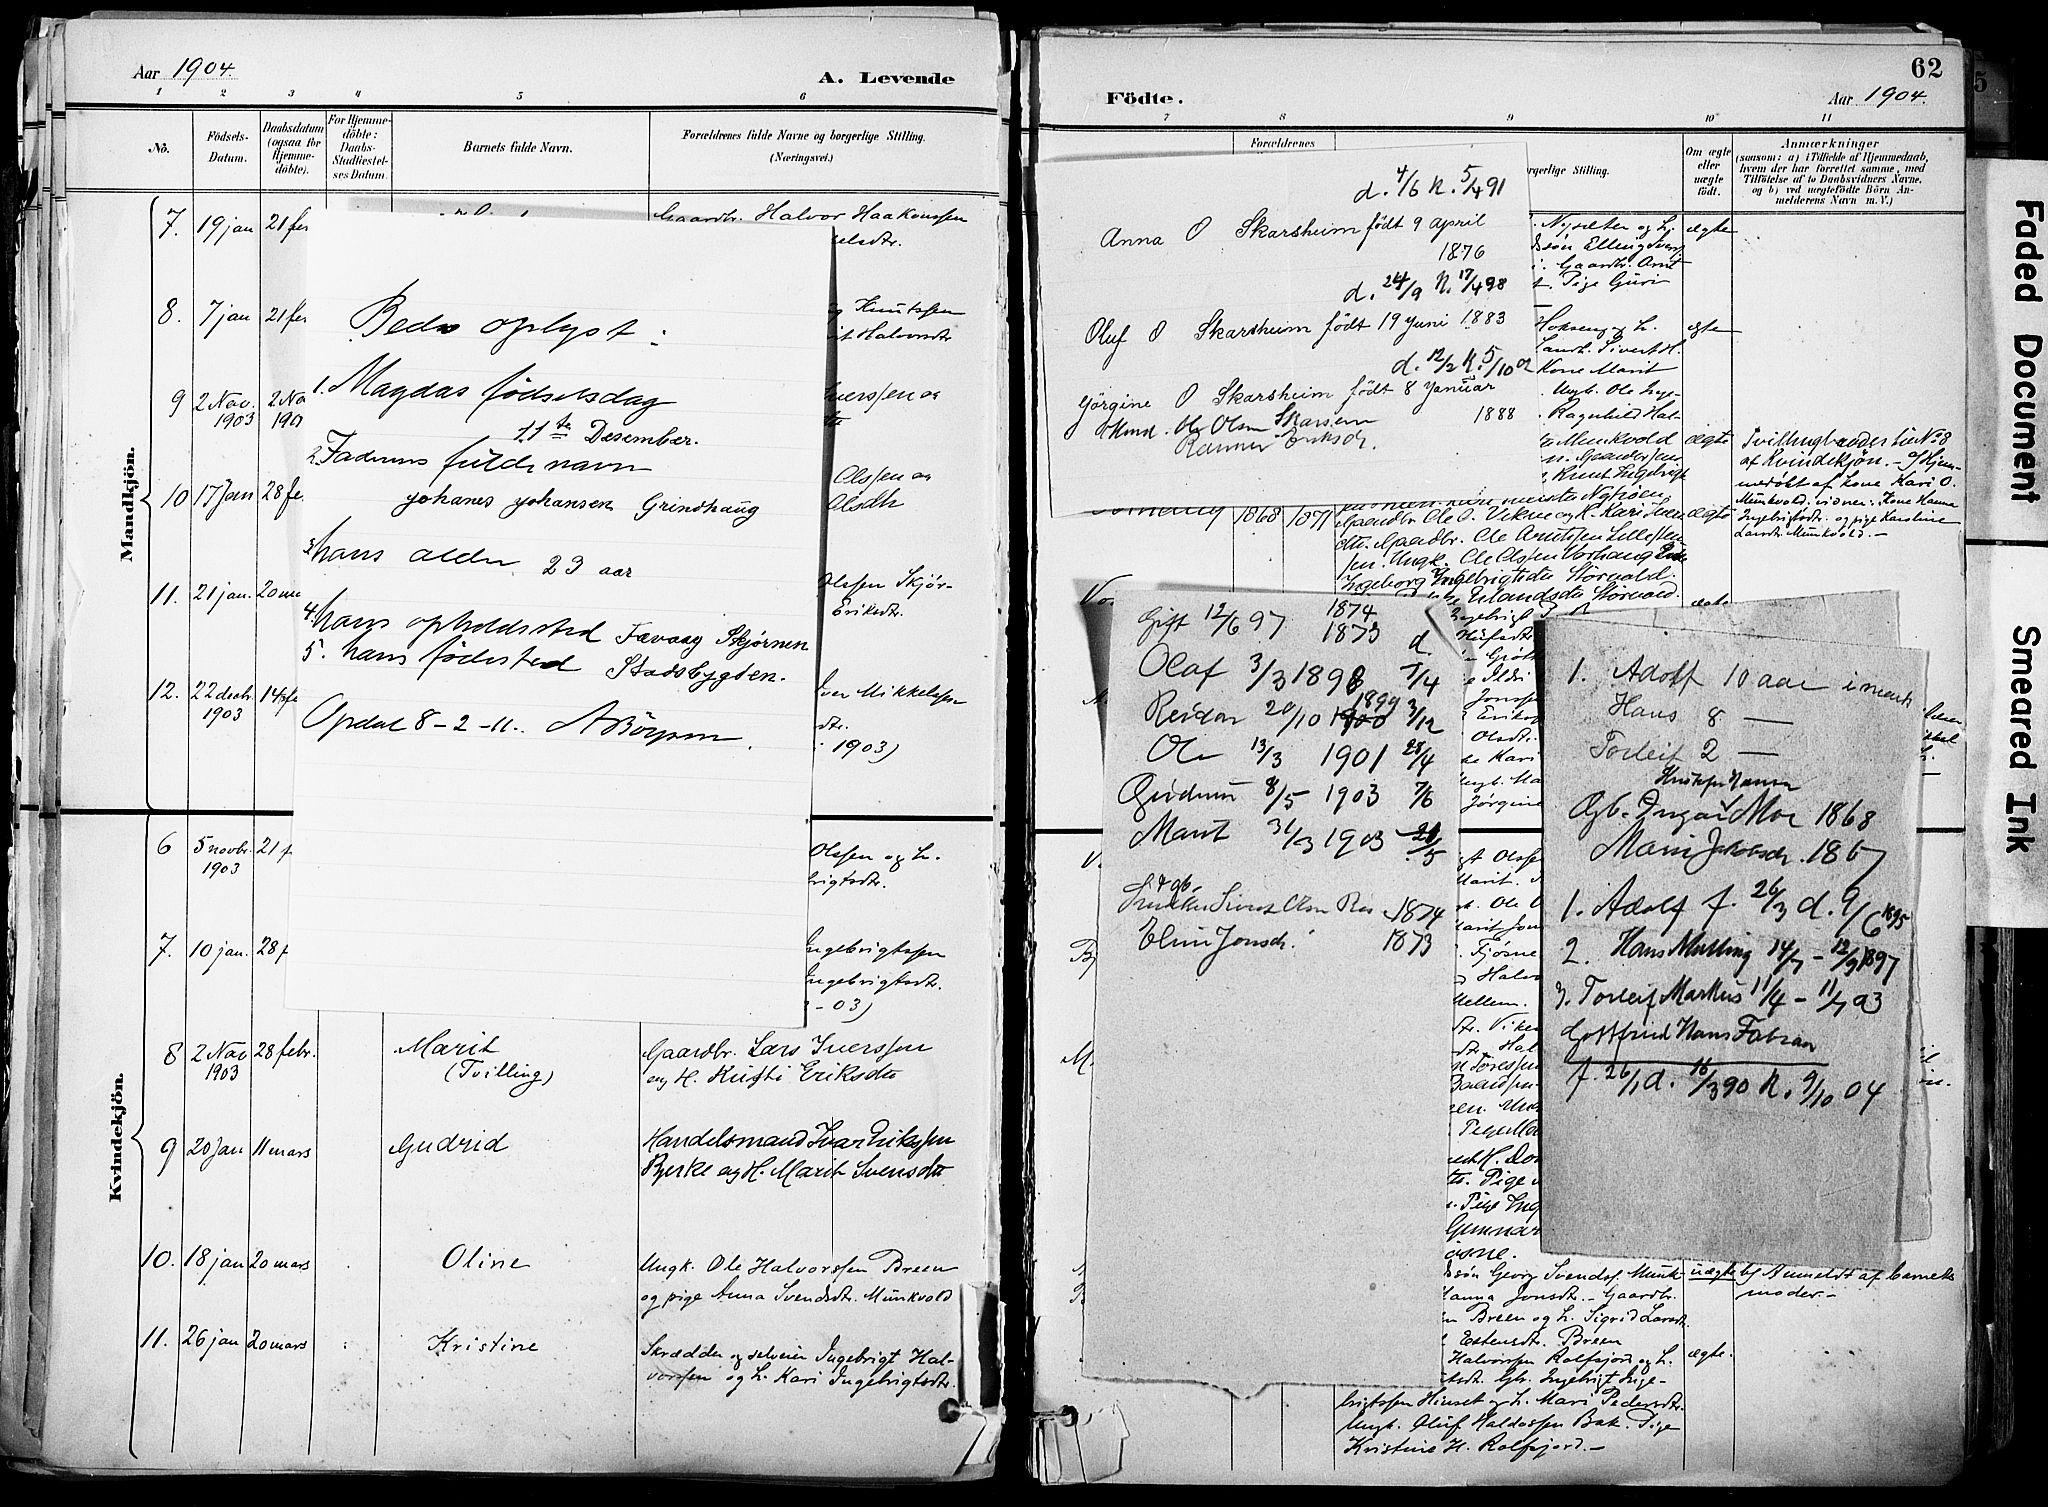 SAT, Ministerialprotokoller, klokkerbøker og fødselsregistre - Sør-Trøndelag, 678/L0902: Ministerialbok nr. 678A11, 1895-1911, s. 62